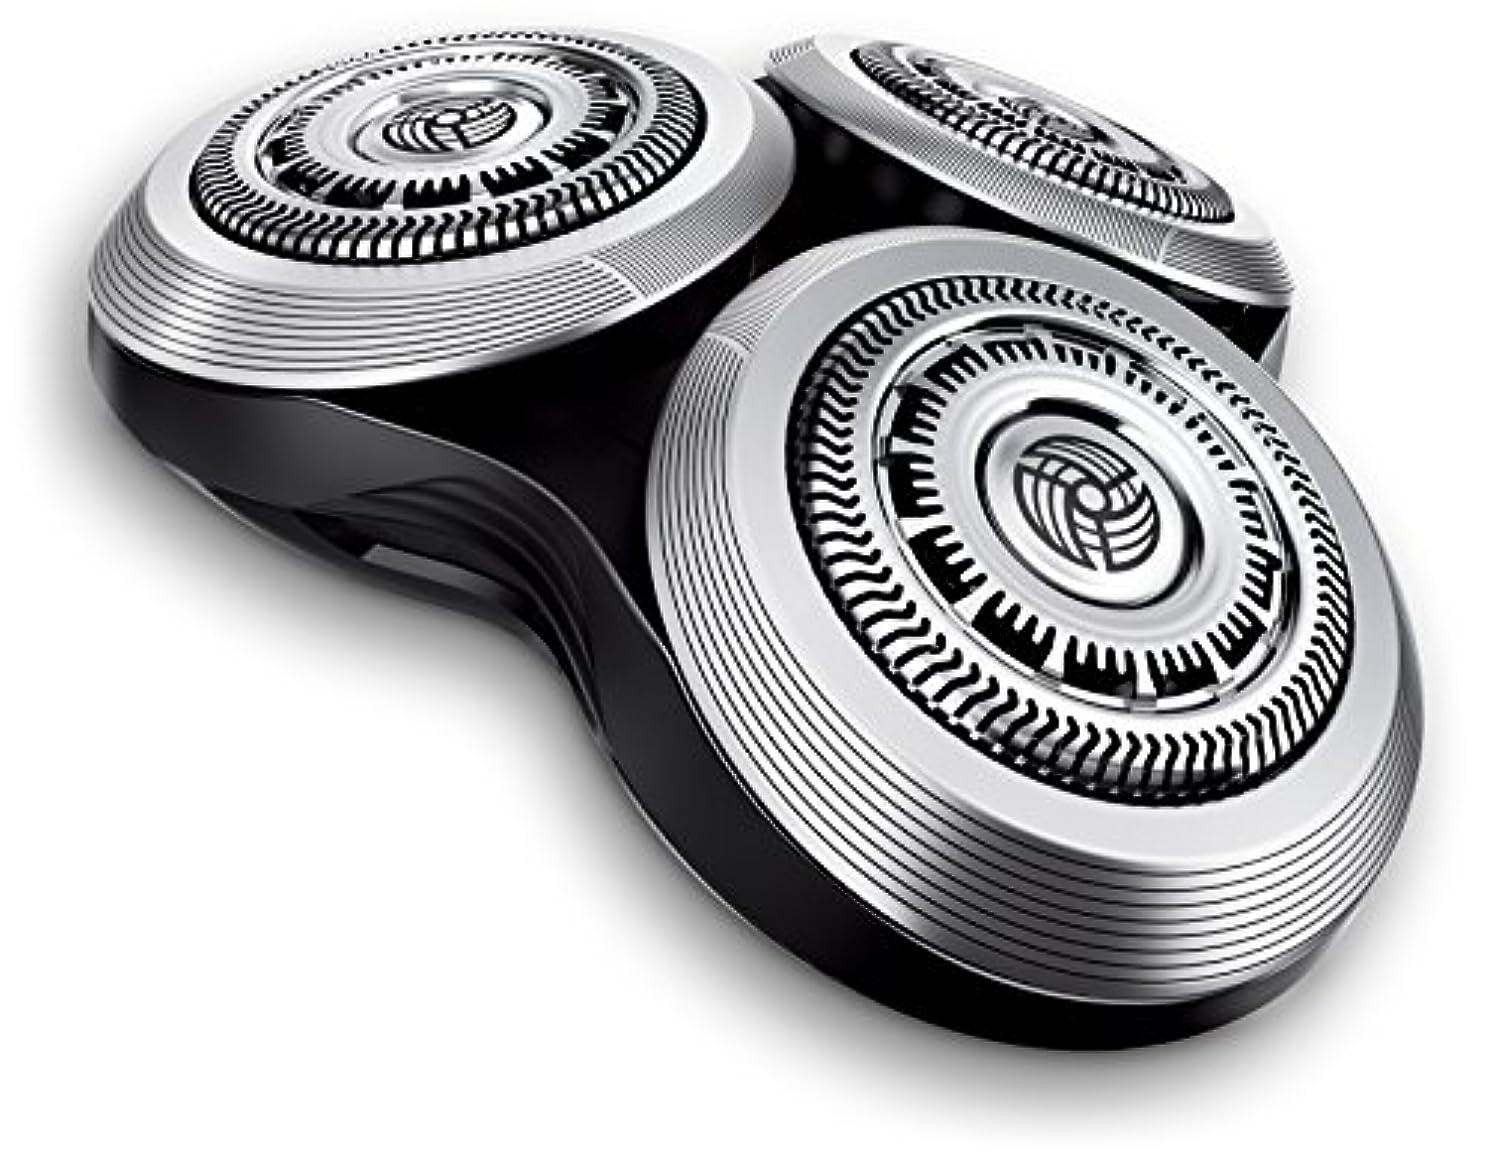 食物シニススペインフィリップス アーキテック?センソタッチ3Dシリーズ用替刃 RQ12/61